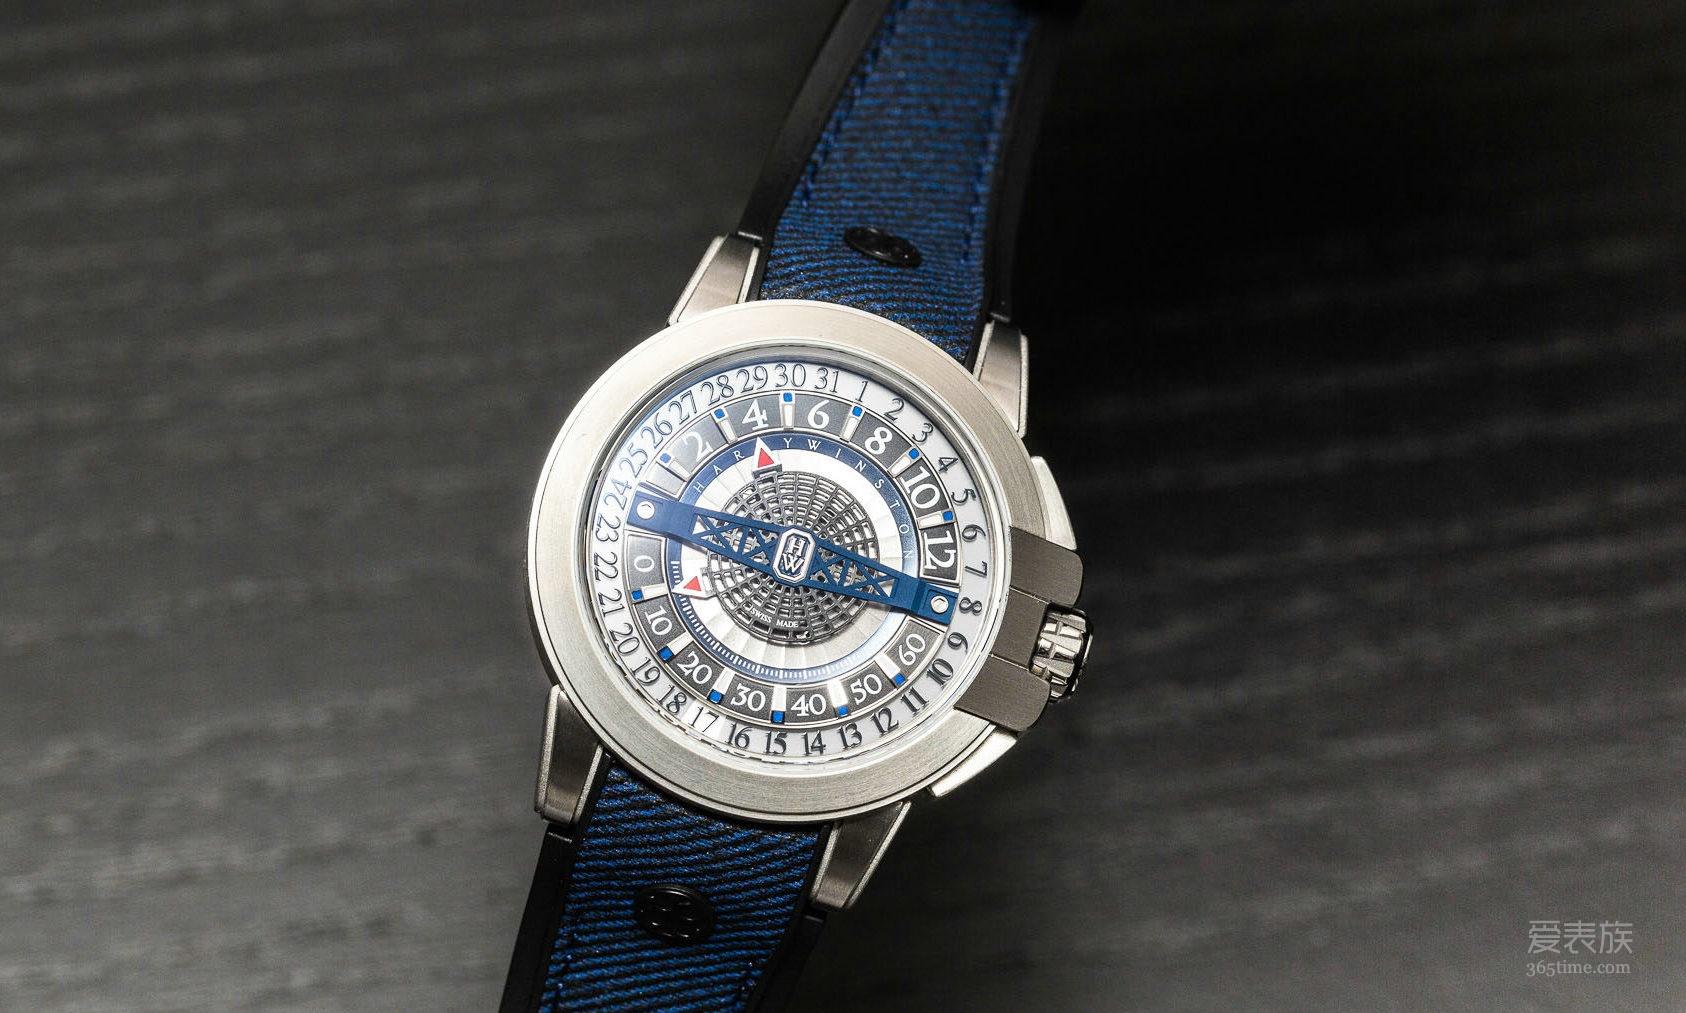 海瑞温斯顿全新Project Z12腕表